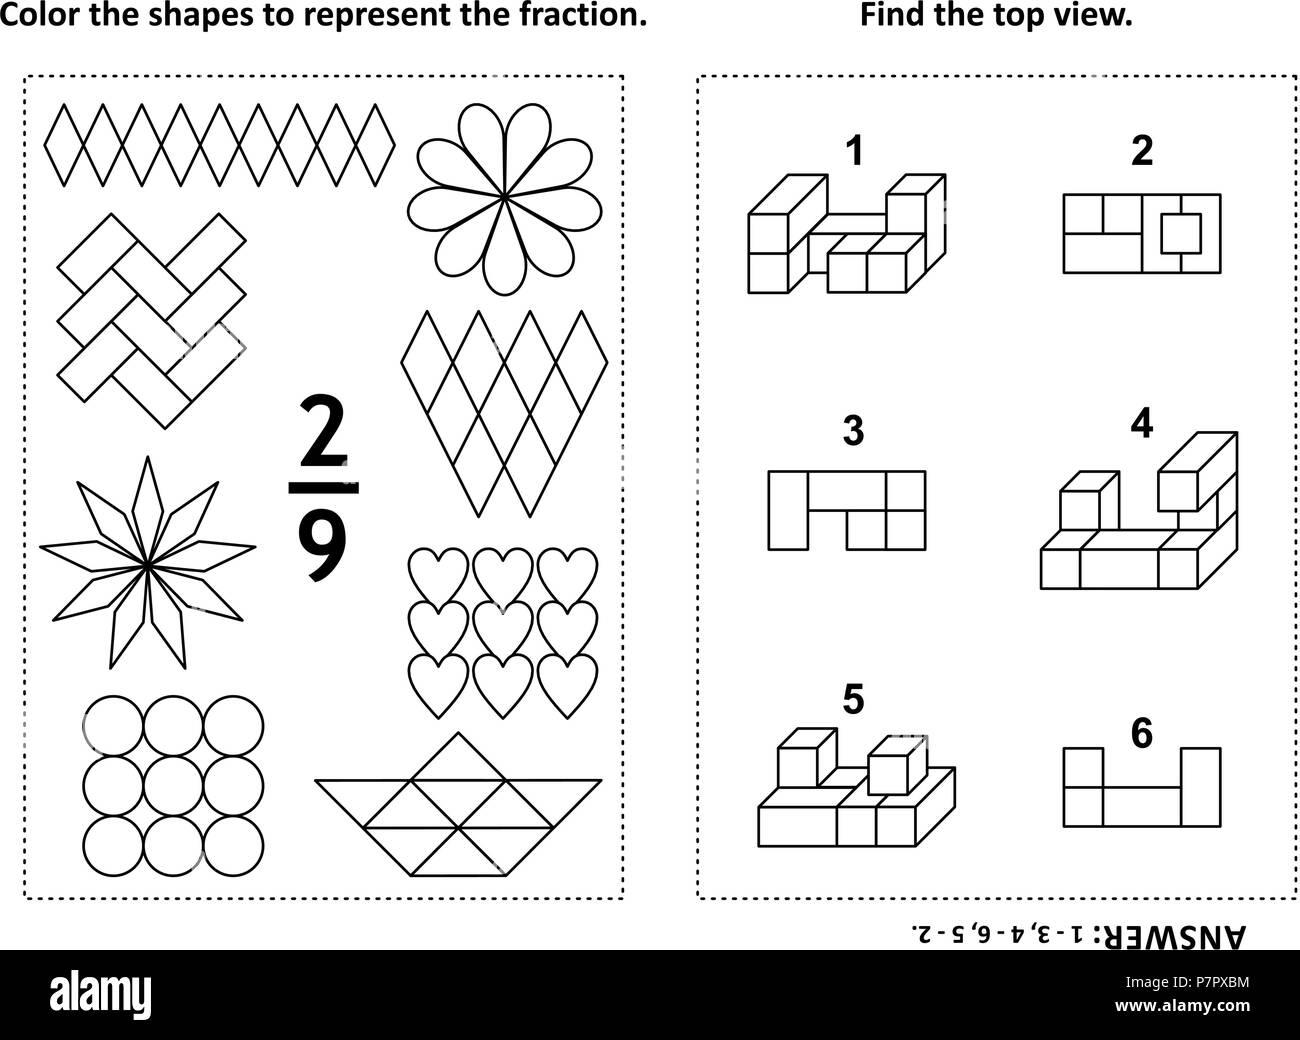 Dos visual acertijos matemáticos y páginas para colorear. Las formas ...